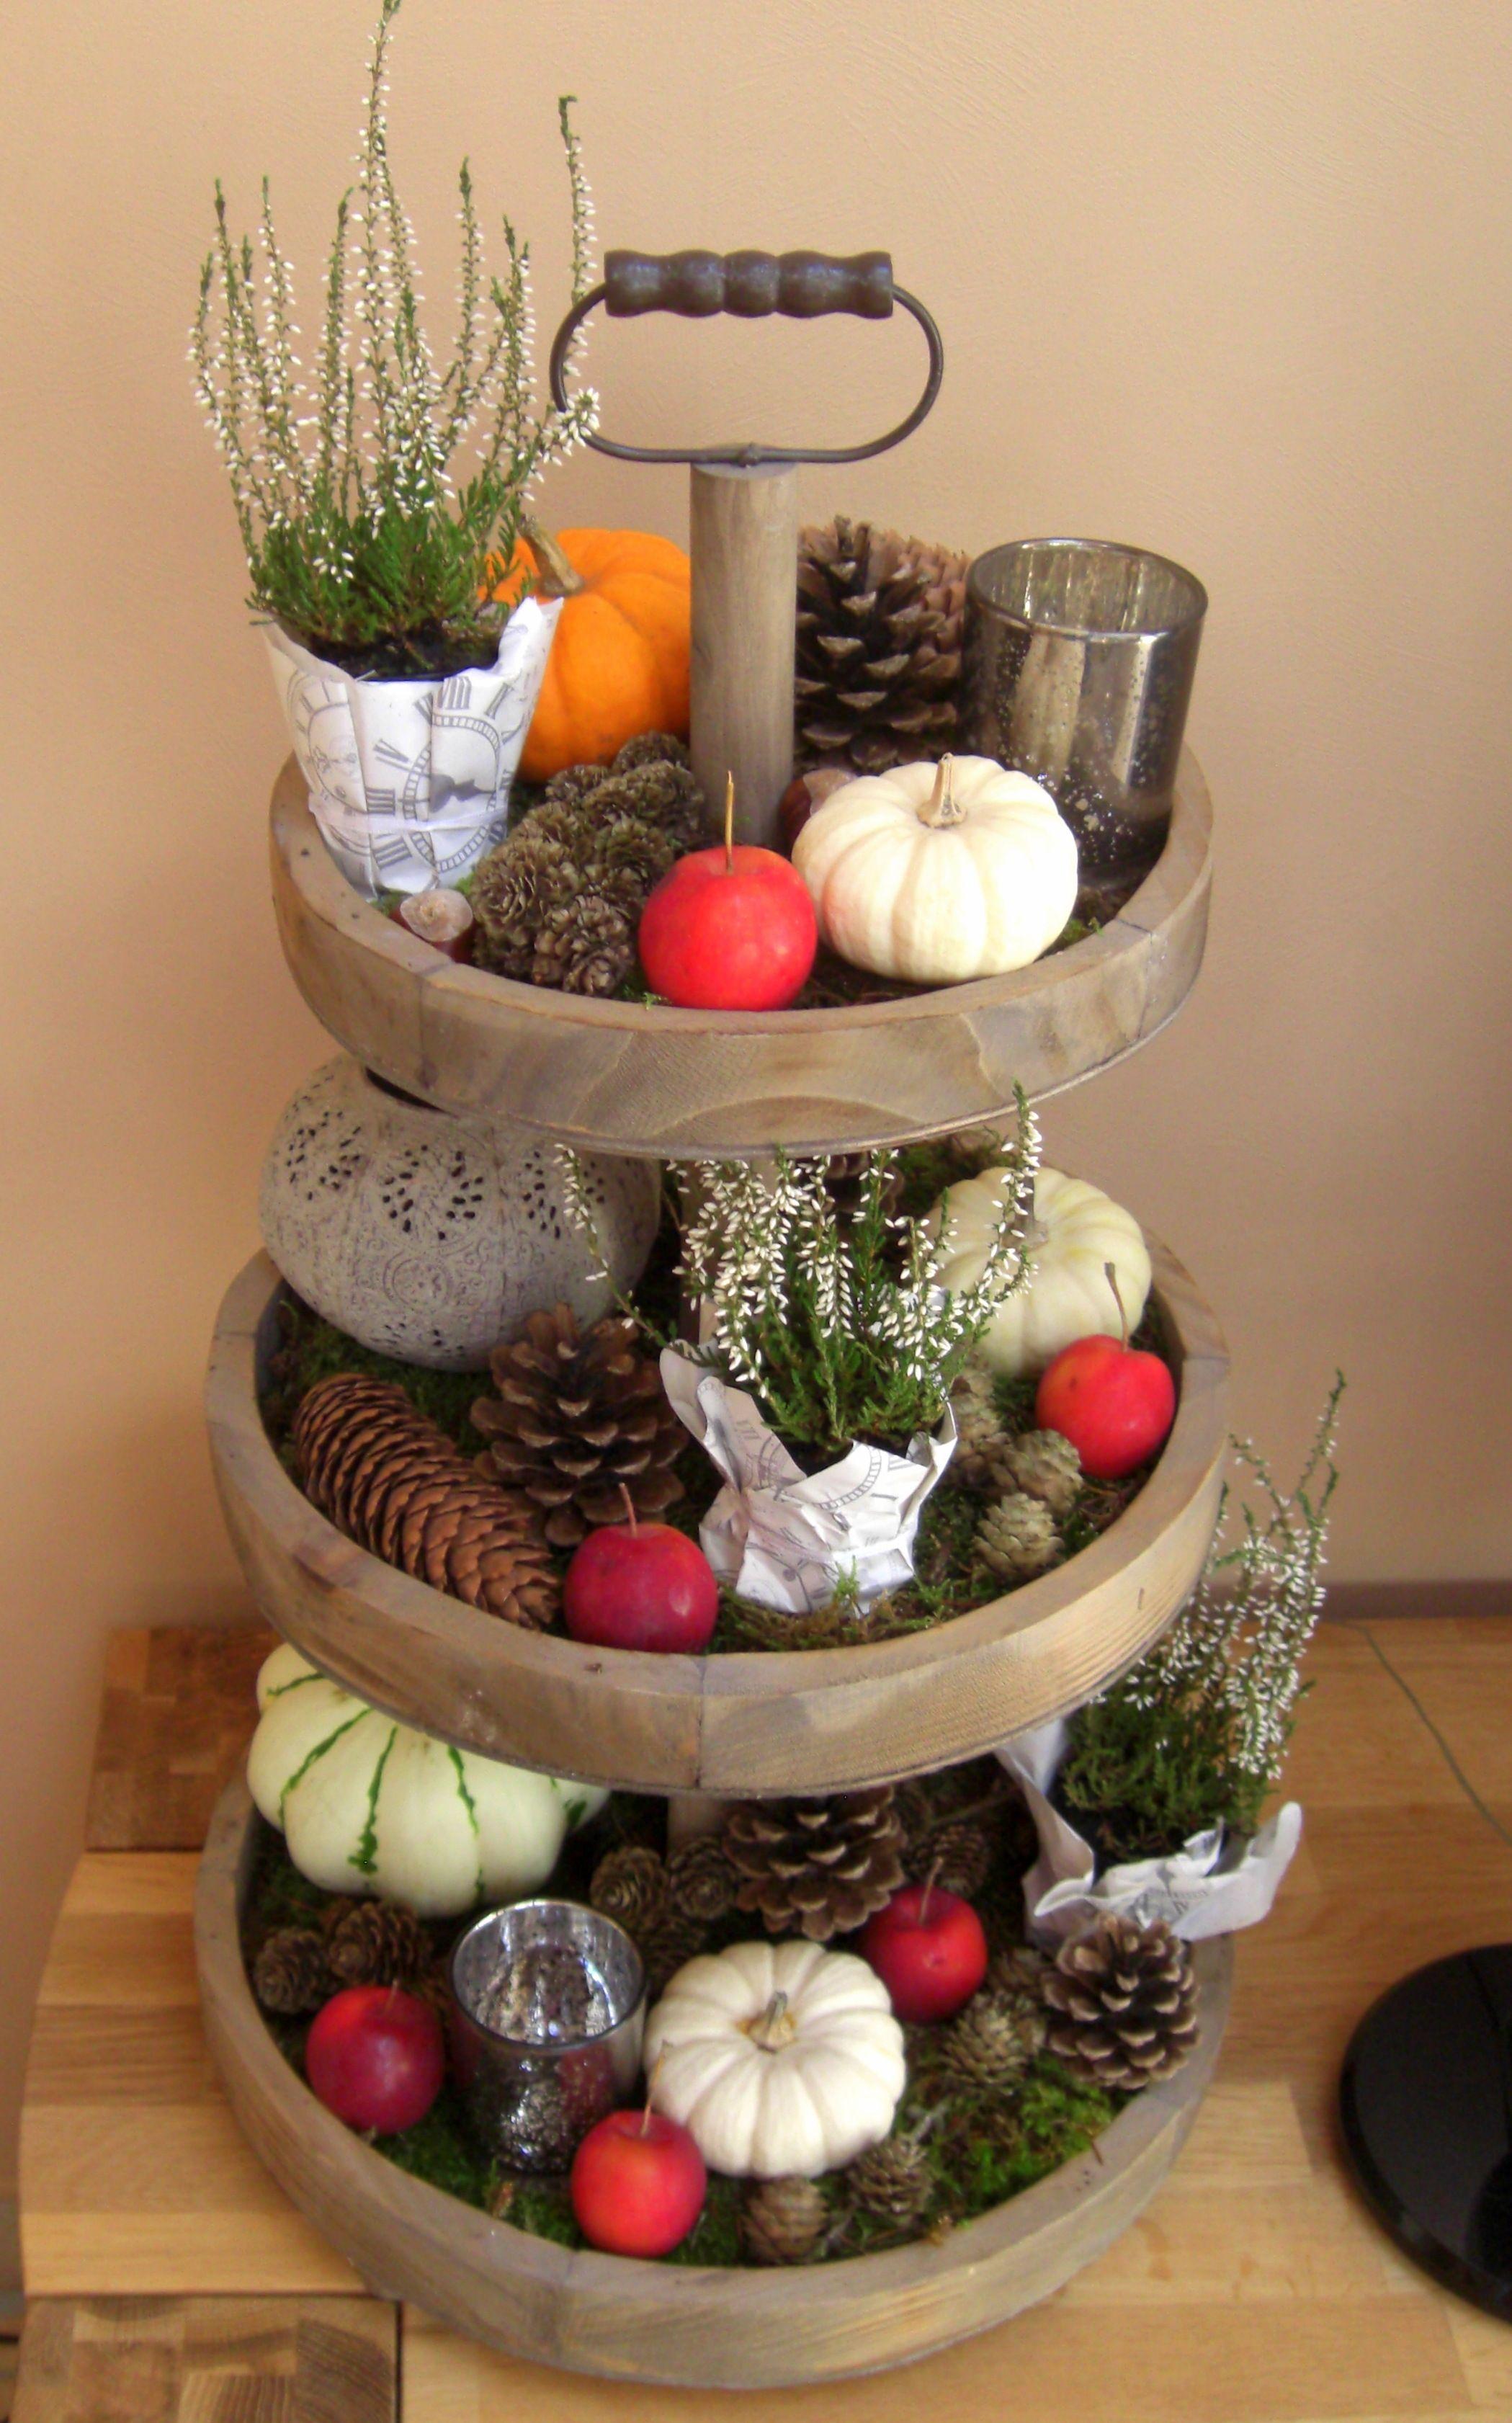 herbstdeko herbst deko pinterest herbstdeko herbst und deko herbst. Black Bedroom Furniture Sets. Home Design Ideas